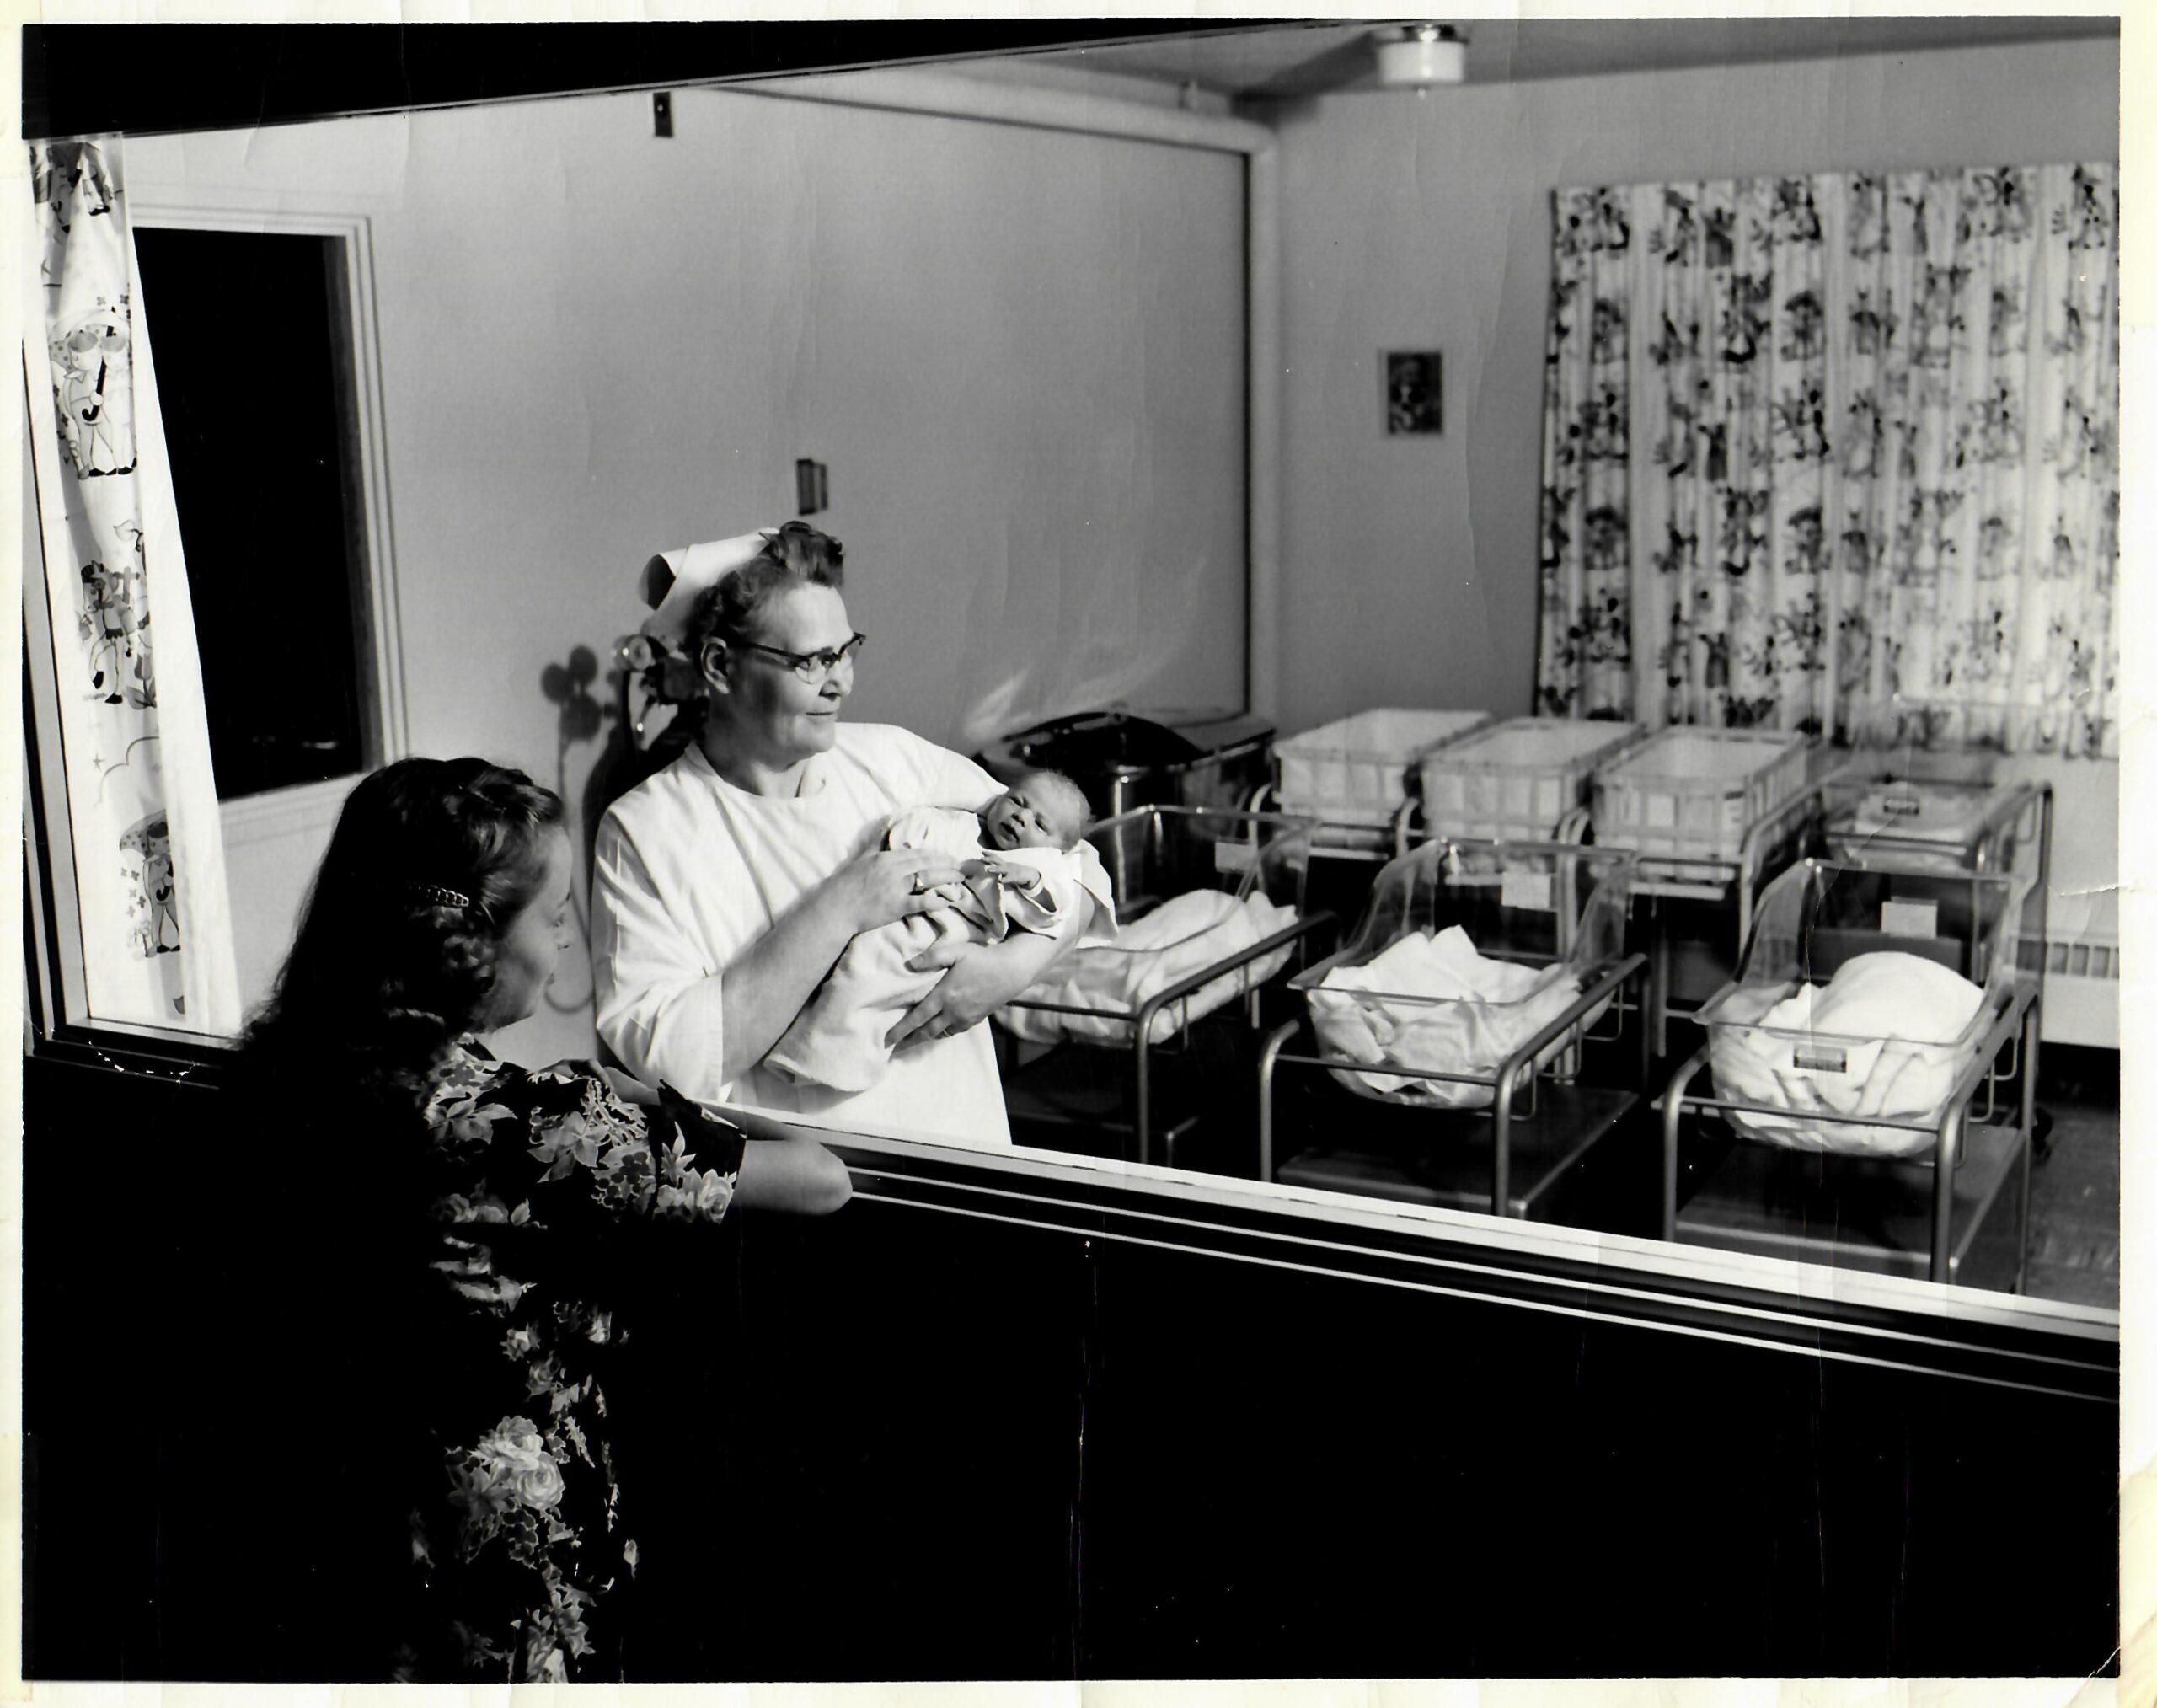 Nurse Ruth Zimmerman with newborn baby, 1954